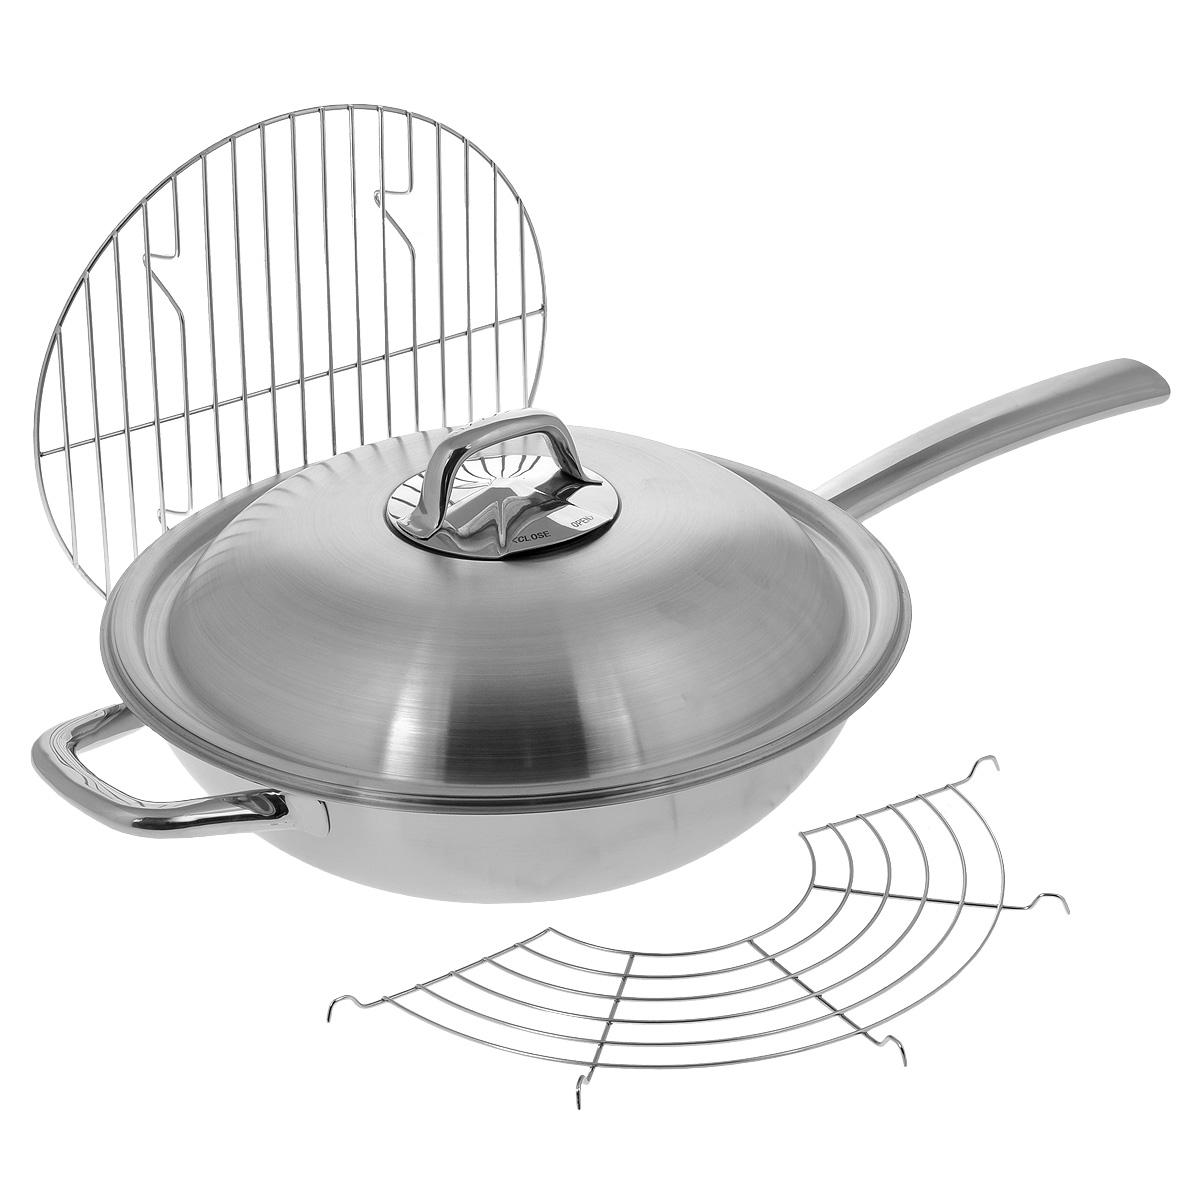 Сковорода-вок Tescoma President с крышкой, с решеткой-подставкой, с сеткой и решеткой для приготовления на пару. Диаметр 32 см780282Сковорода-вок Tescoma President, изготовленная из нержавеющей стали, отлично подходит для жарки, приготовления пищи на пару, блюд азиатской кухни. Благодаря трехслойной конструкции, температура внутри вока остается равномерной и постоянной. Вок имеет куполообразную крышку для оптимальной циркуляции пара и регулирования его выхода. Массивная и маленькая ручки изготовлены из высококачественной нержавеющей стали для комфортного и безопасного обращения. В набор также входят вместительная сетка для приготовления блюд на пару, полукруглая решетка-подставка и решеточка-подставка для хранения и приготовления блюд на пару.Вок имеет матовую поверхность, а длинная ручка - зеркальную.В наборе - буклет с рецептами.Подходит для всех типов плит, в том числе для индукционных. Можно мыть в посудомоечной машине.Высота стенки вока: 9,5 см. Длина ручки: 22 см. Толщина стенки: 2 мм. Толщина дна: 3 мм. Диаметр по верхнему краю: 32 см.Размер сетки: 35 см х 35 см х 4 см.Размер полукруглой решетки-подставки: 34 см х 18 см х 1 см.Размер решетки для приготовления на пару: 27 см х 27 см х 3,5 см.